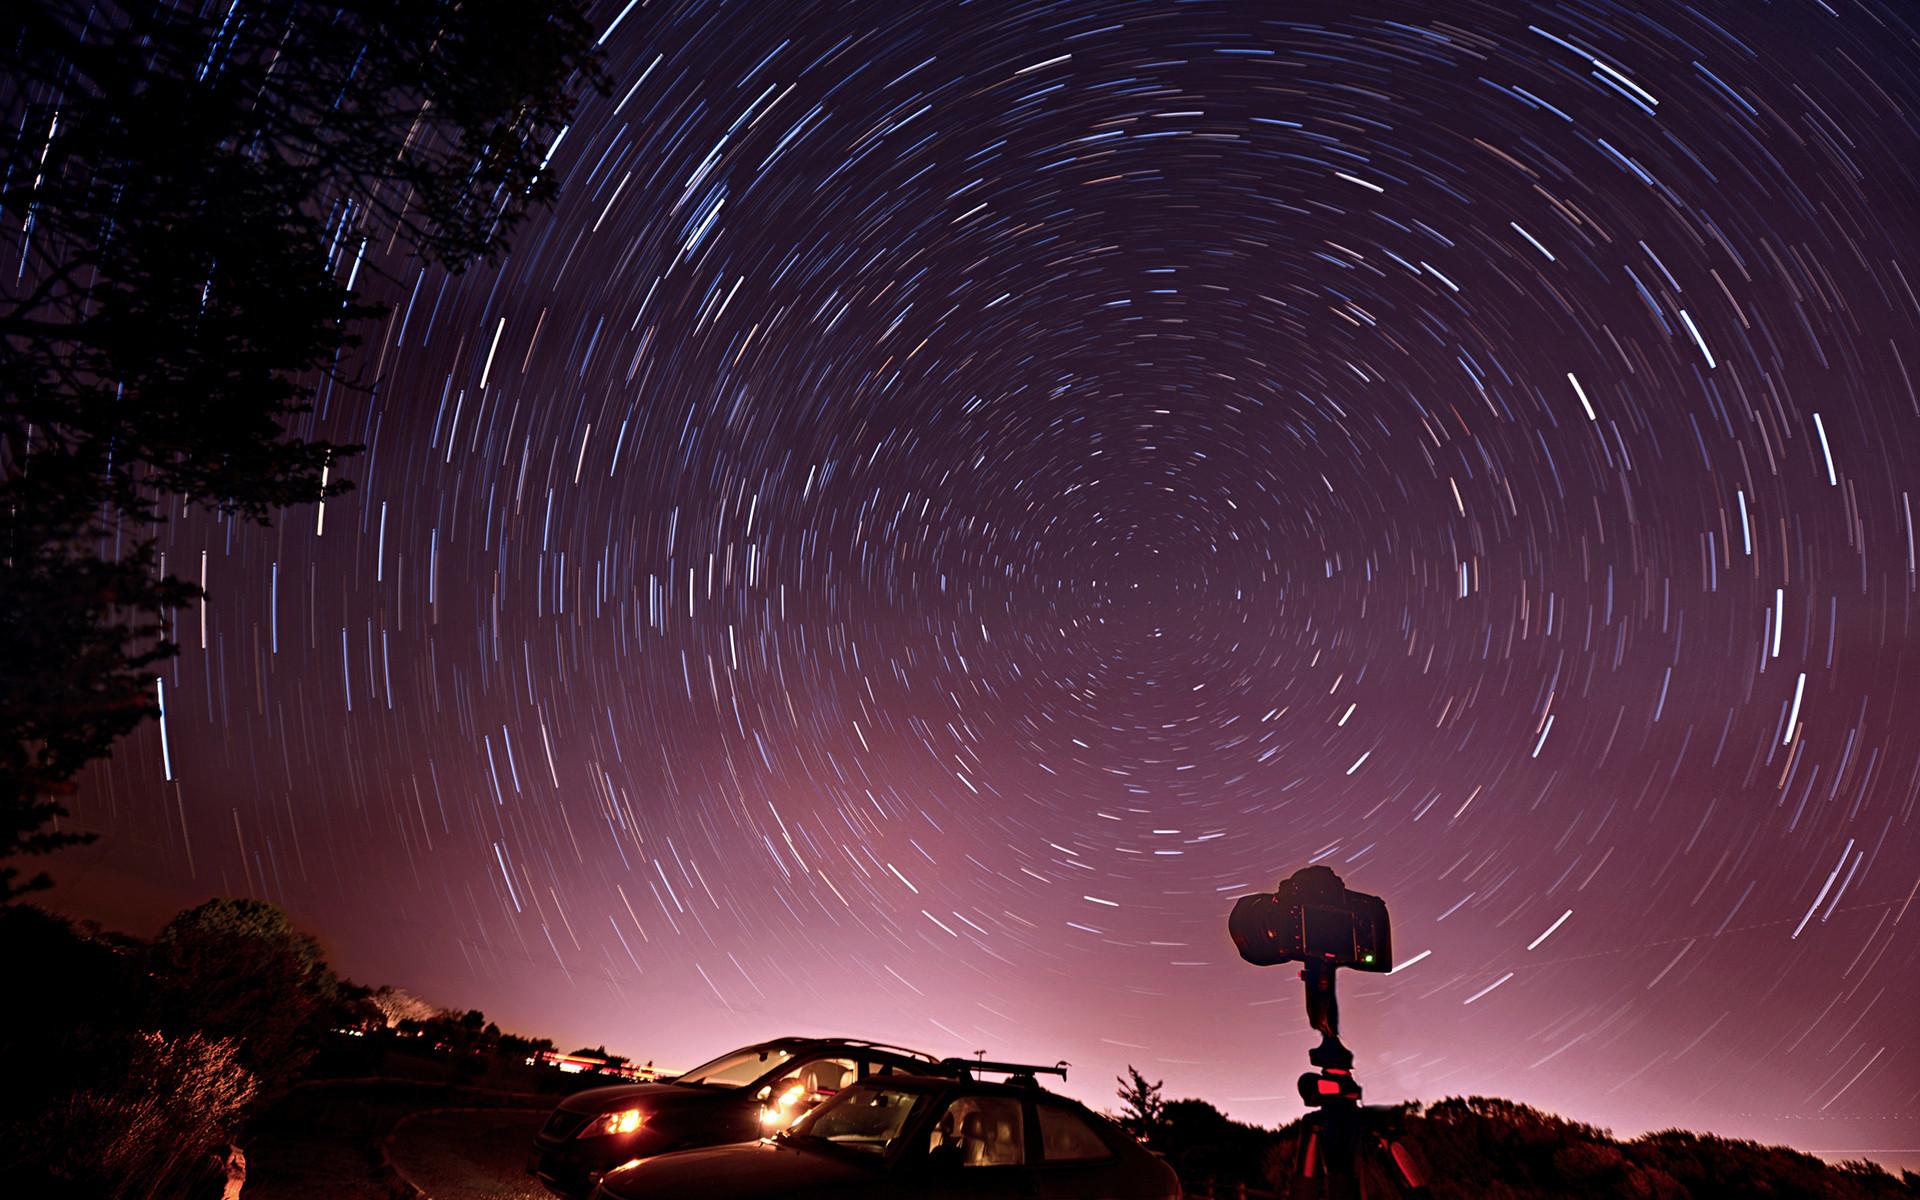 фотоаппарат для снимков ночного неба время как полумесяц